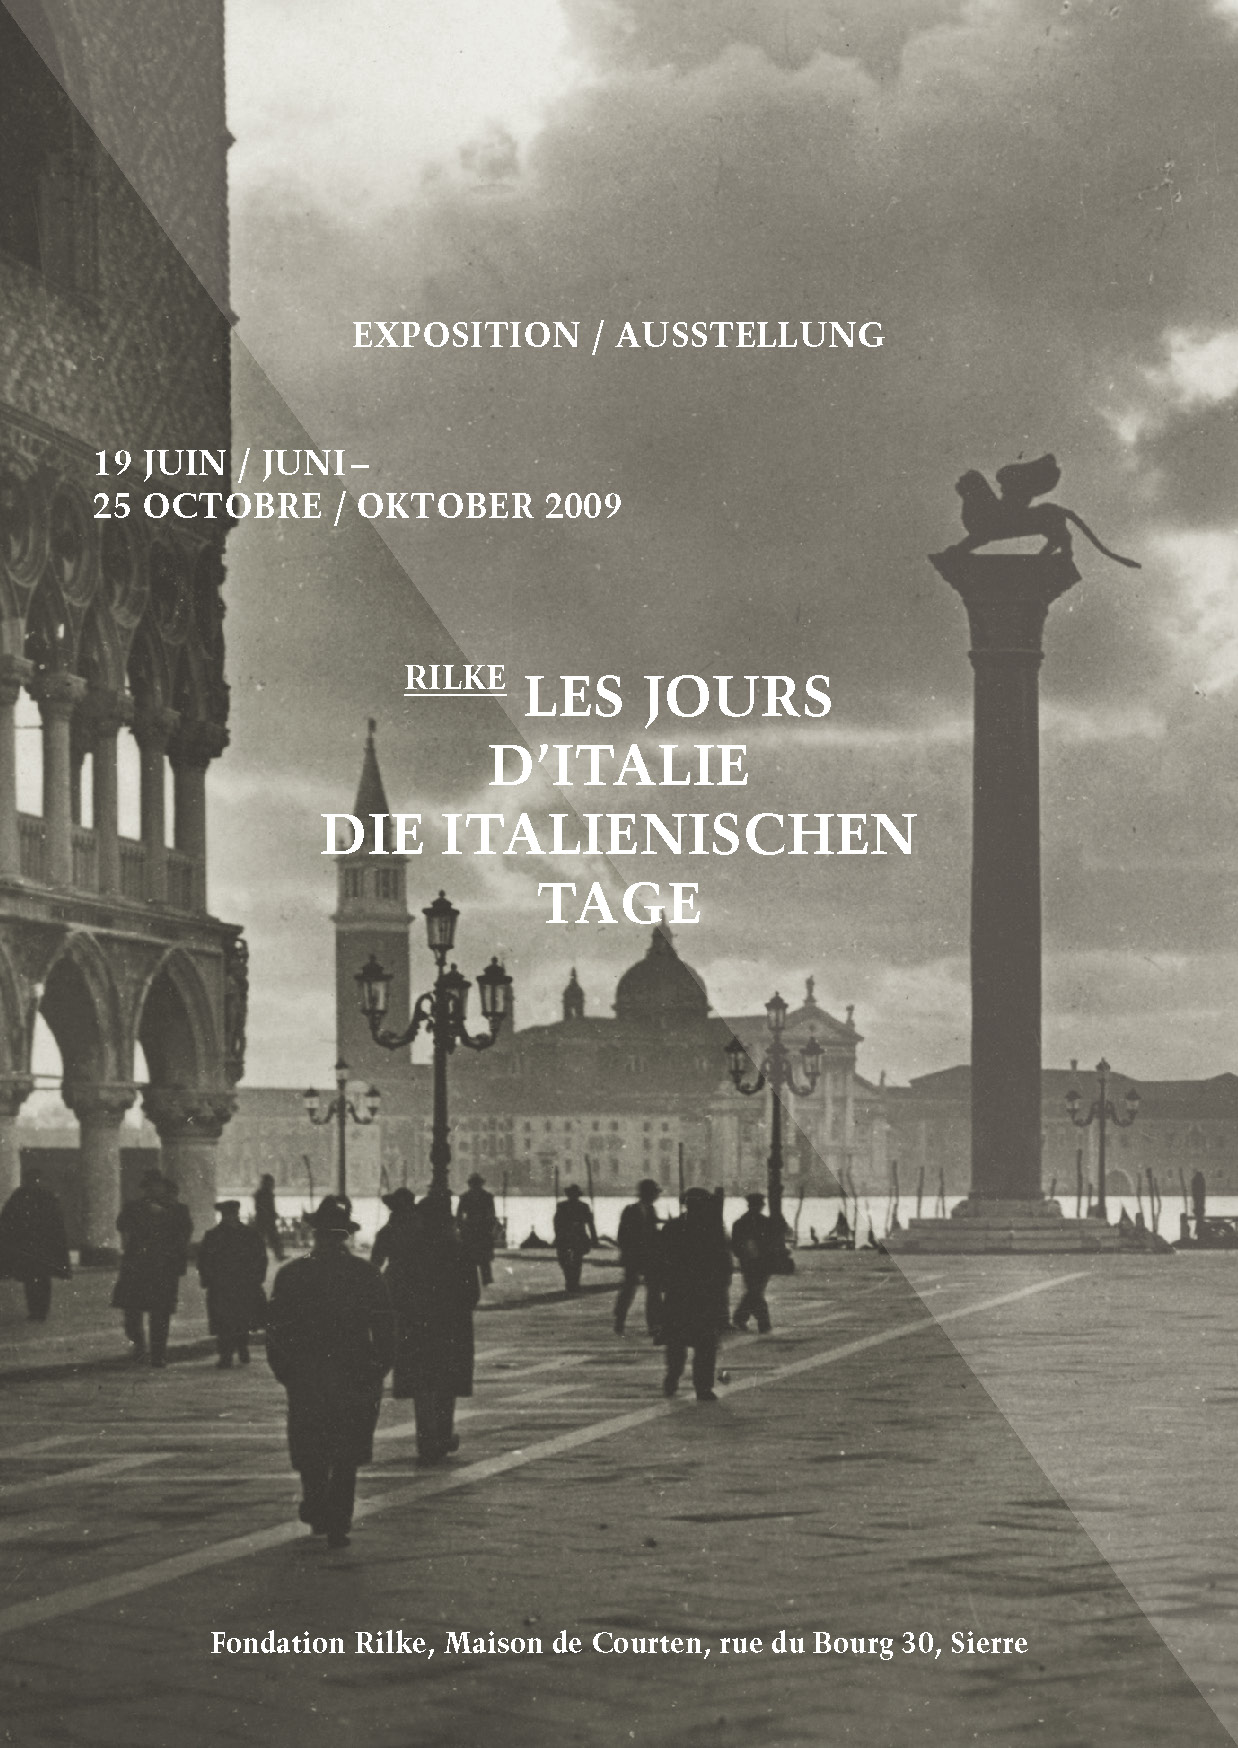 Flyer der Ausstellung Die italienischen Tage, 2009